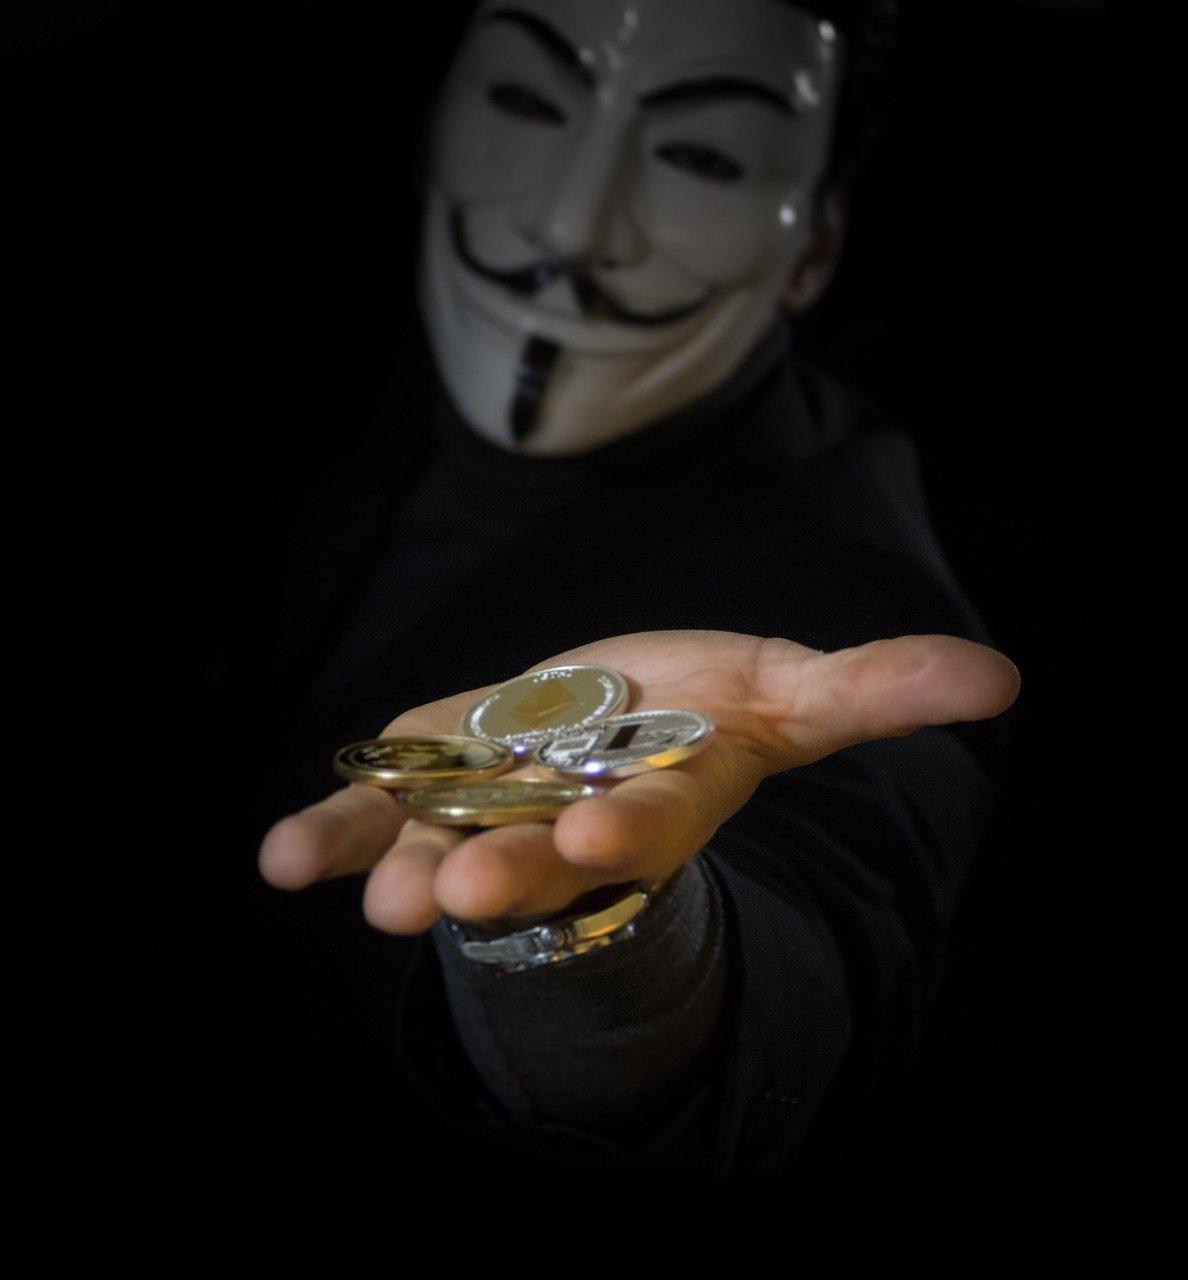 pagamento in criptovalute verso un estraneo